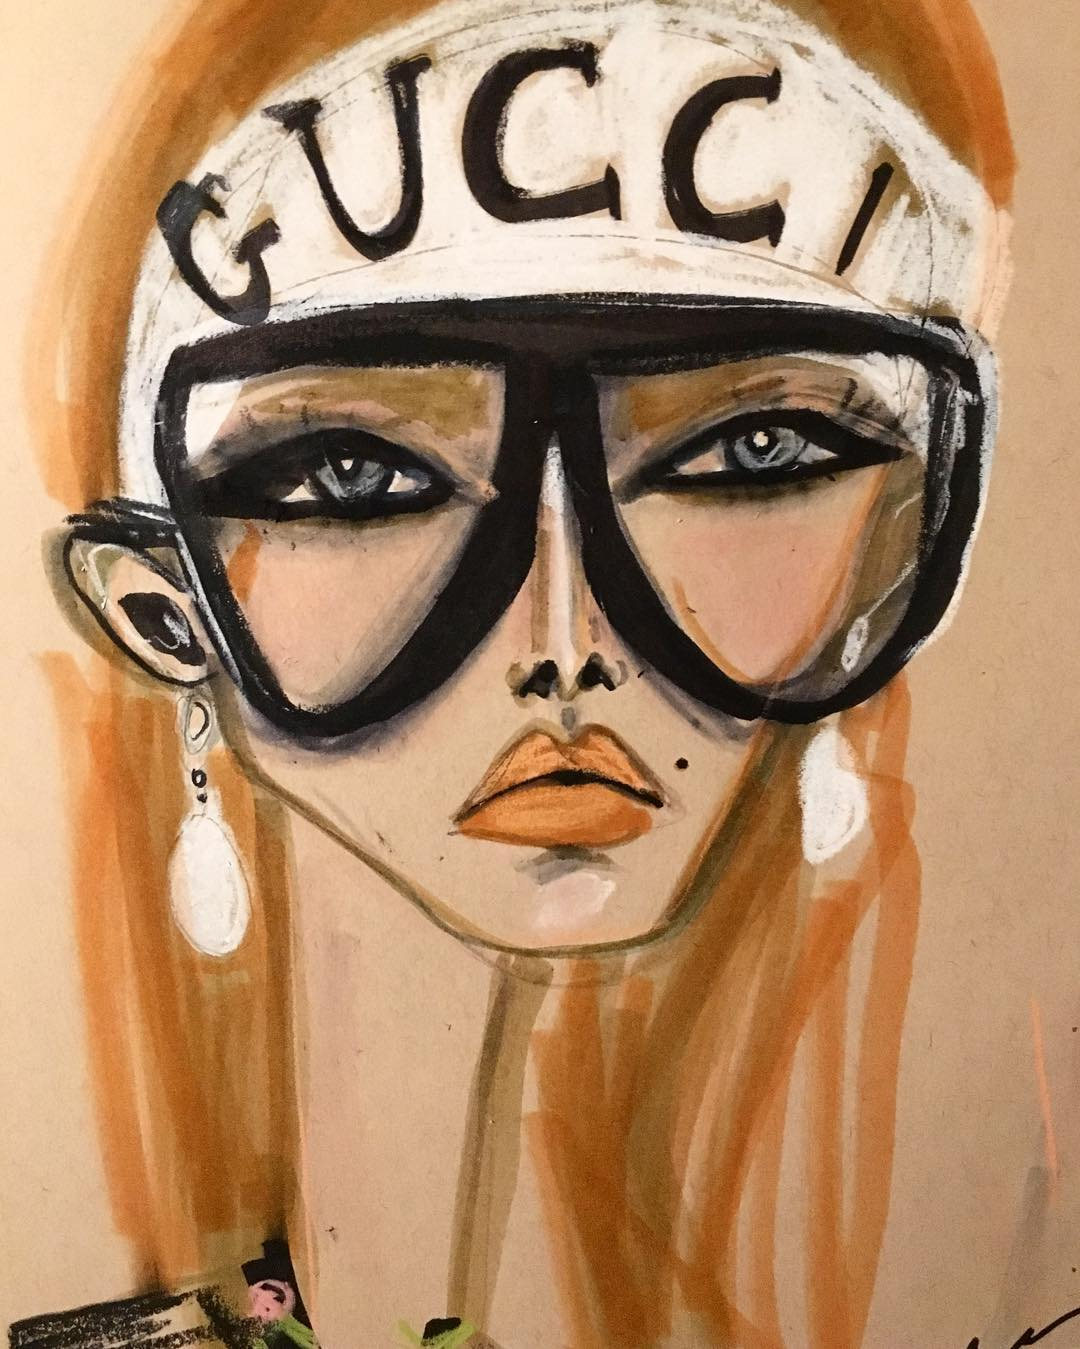 Gucci fashion illustration by Blair Breitenstein